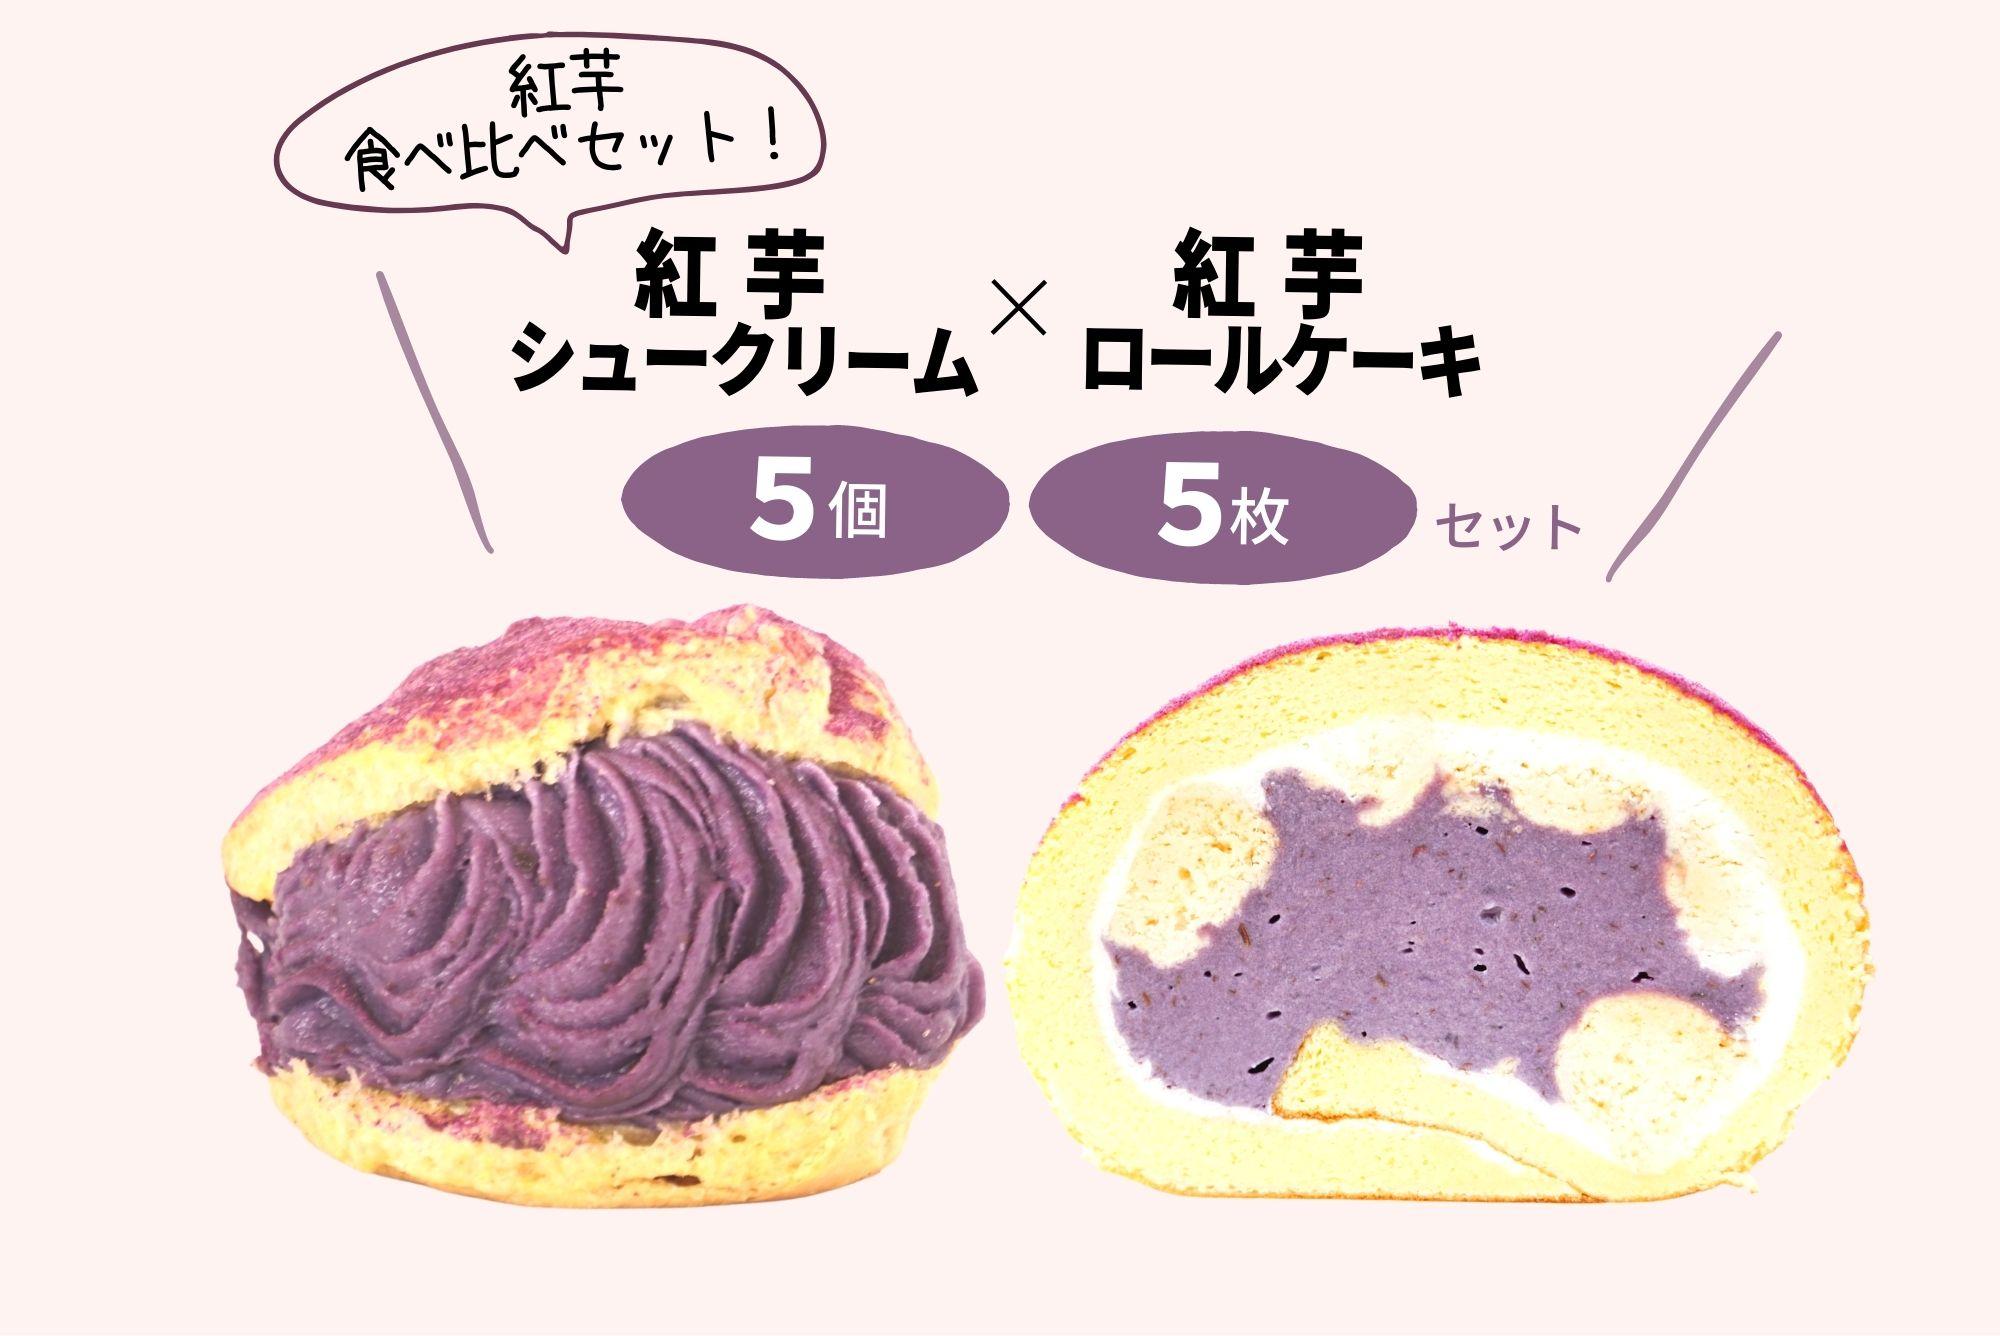 両方食べたい方におススメ! 詰め合わせ 無添加 紅芋シュークリーム&紅芋ロールケーキ 冷凍【送料込み】